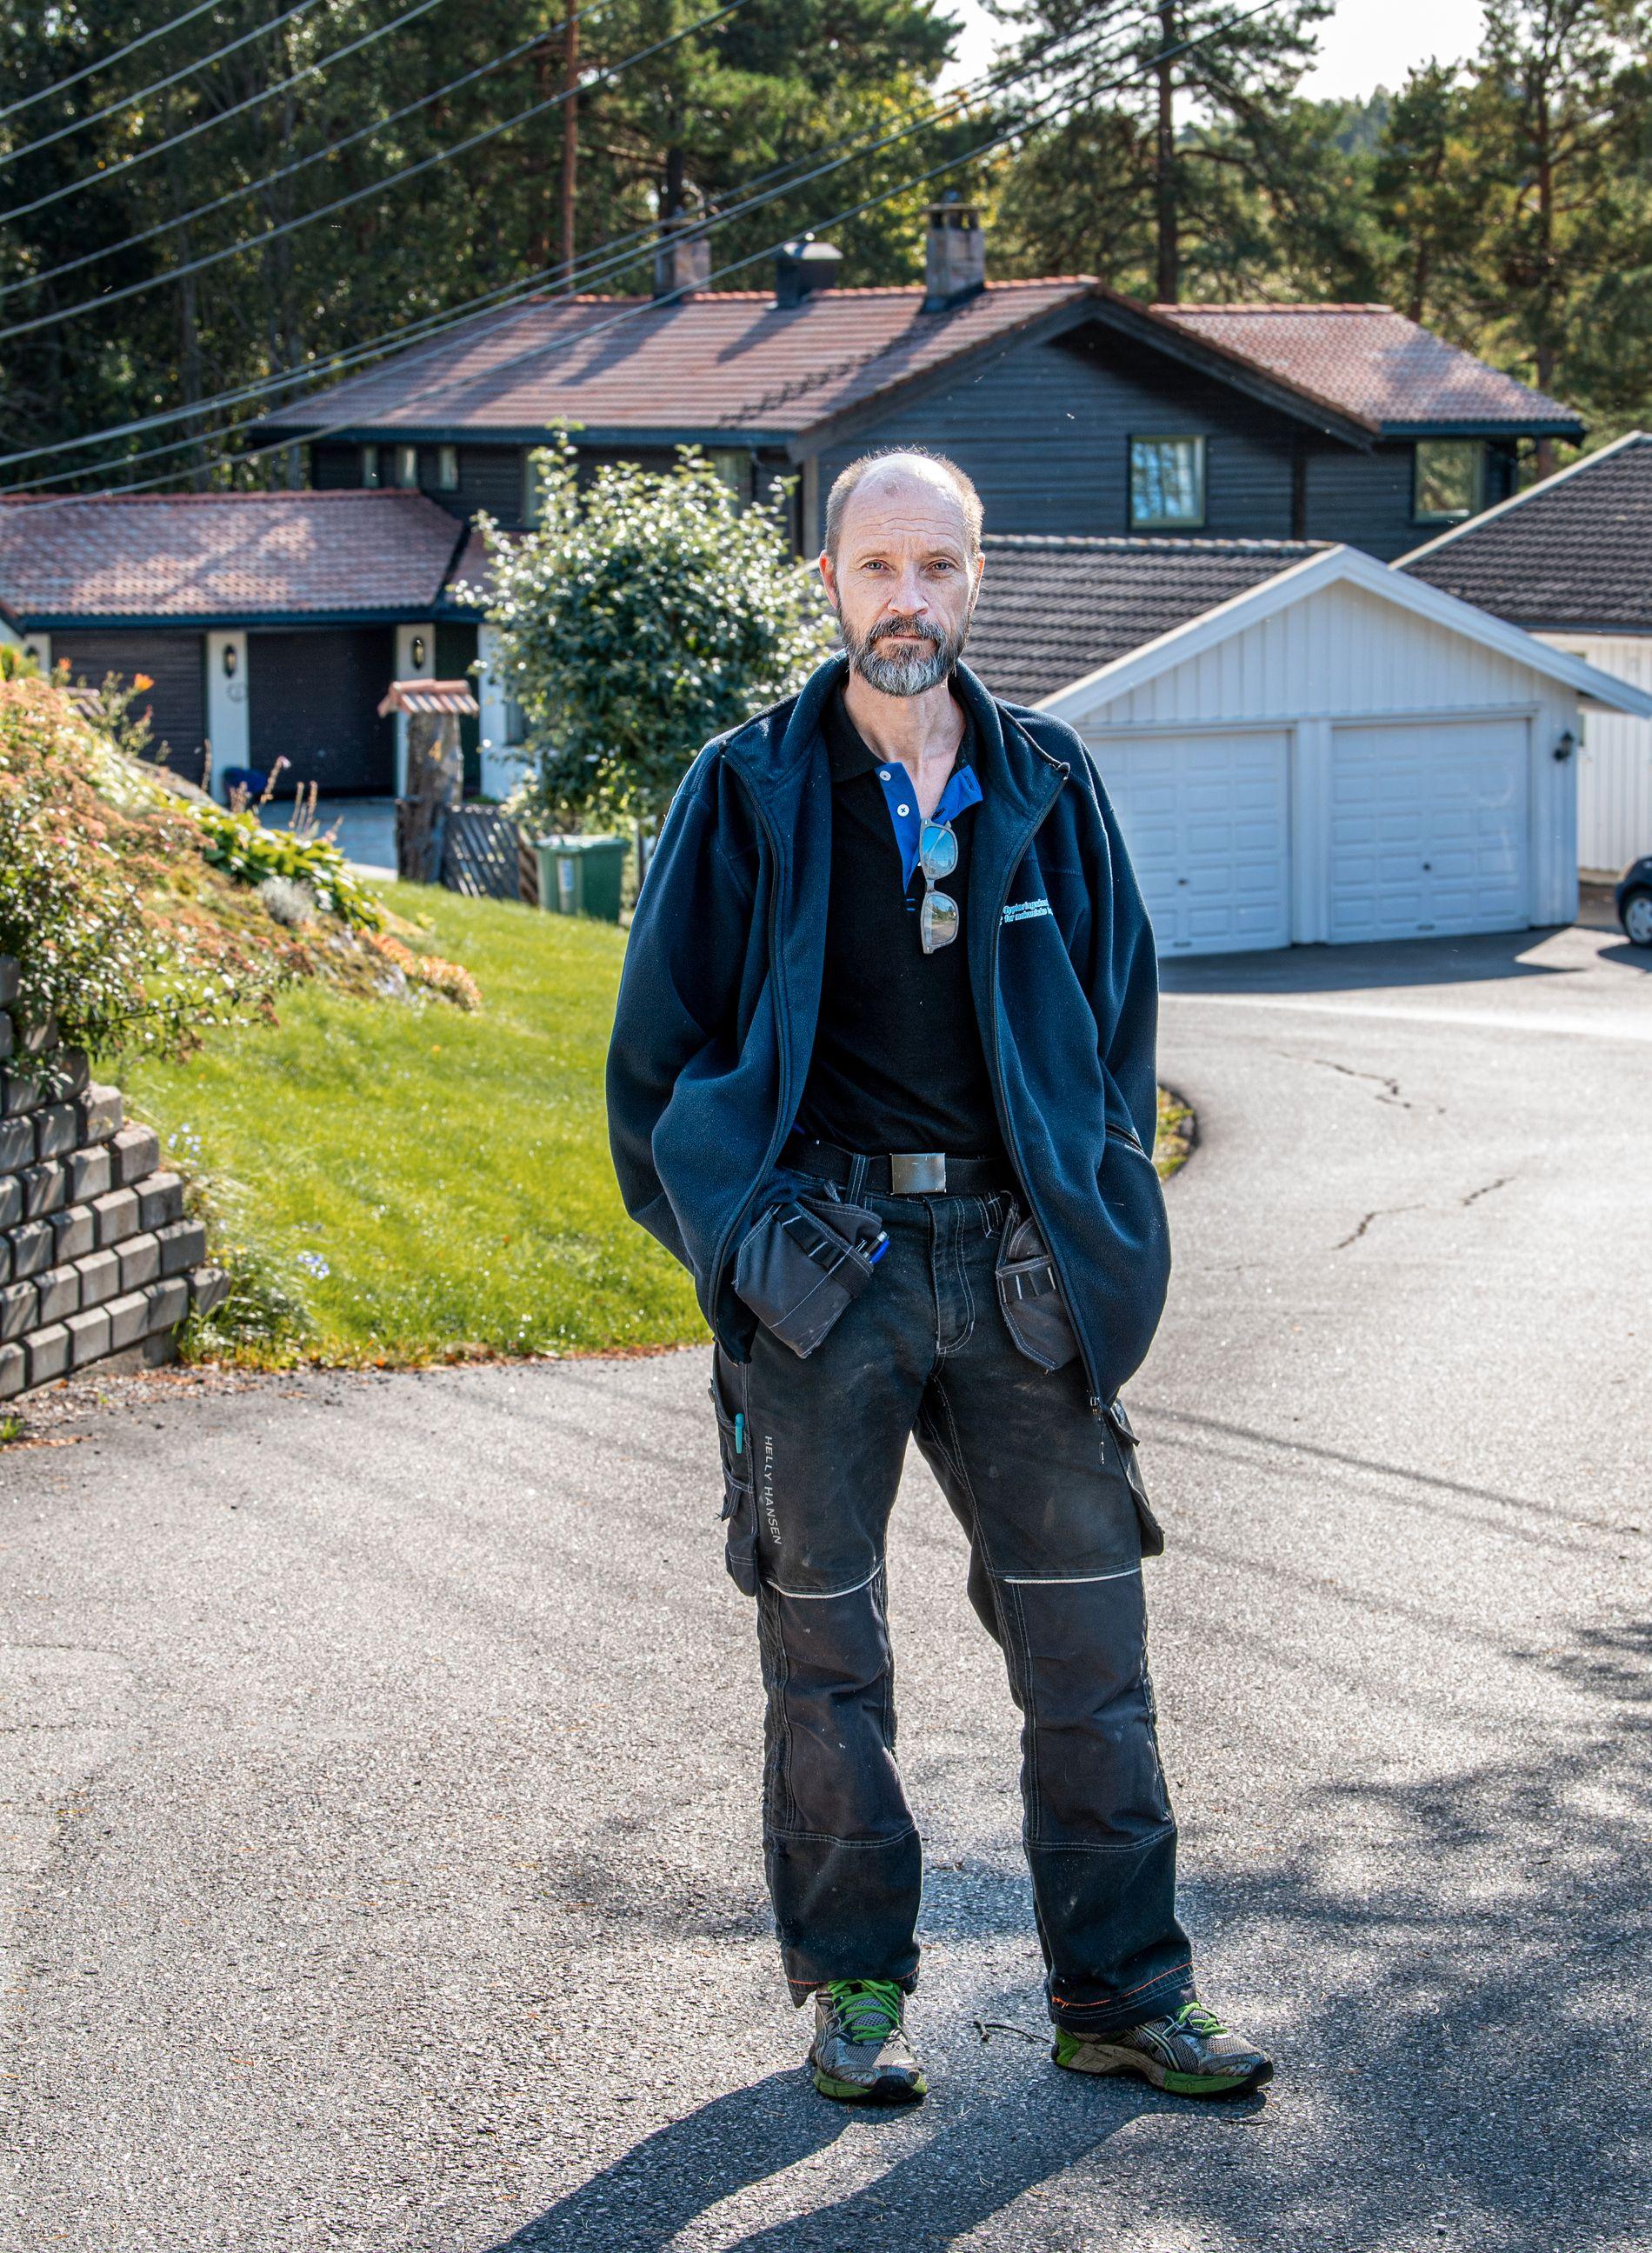 VAR I AVHØR: I avhør, kort tid etter at Anne-Elisabeth Hagen forsvant fra sitt hjem, var Tommy Skansen i avhør. Her fikk at han vite at naboen var borte.